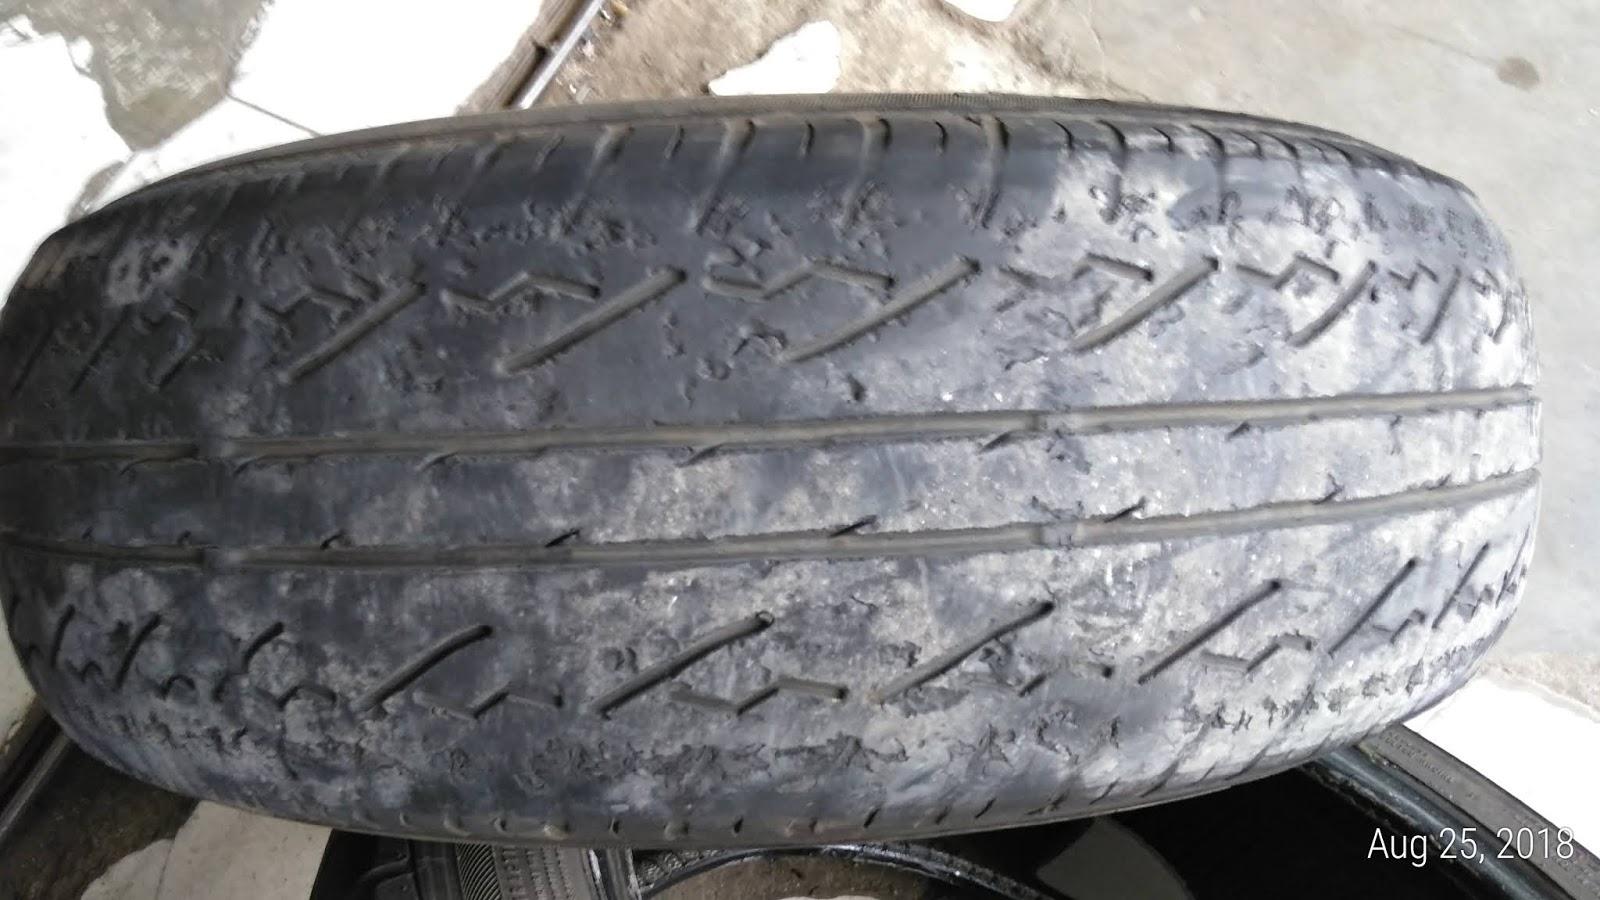 Andarupratomo Dunlop Sp Sport Lm704 Vs Bridgstone Turanza T005 Ban Mobil Bridgestone T005a 185 65 R15 Vocer Pilihan Mengerucut Kepada 2 Merek Yaitu Dan Lah Kok Lagi Kelihatannya Masalah Bocel Habis Di Shoulder Hanya